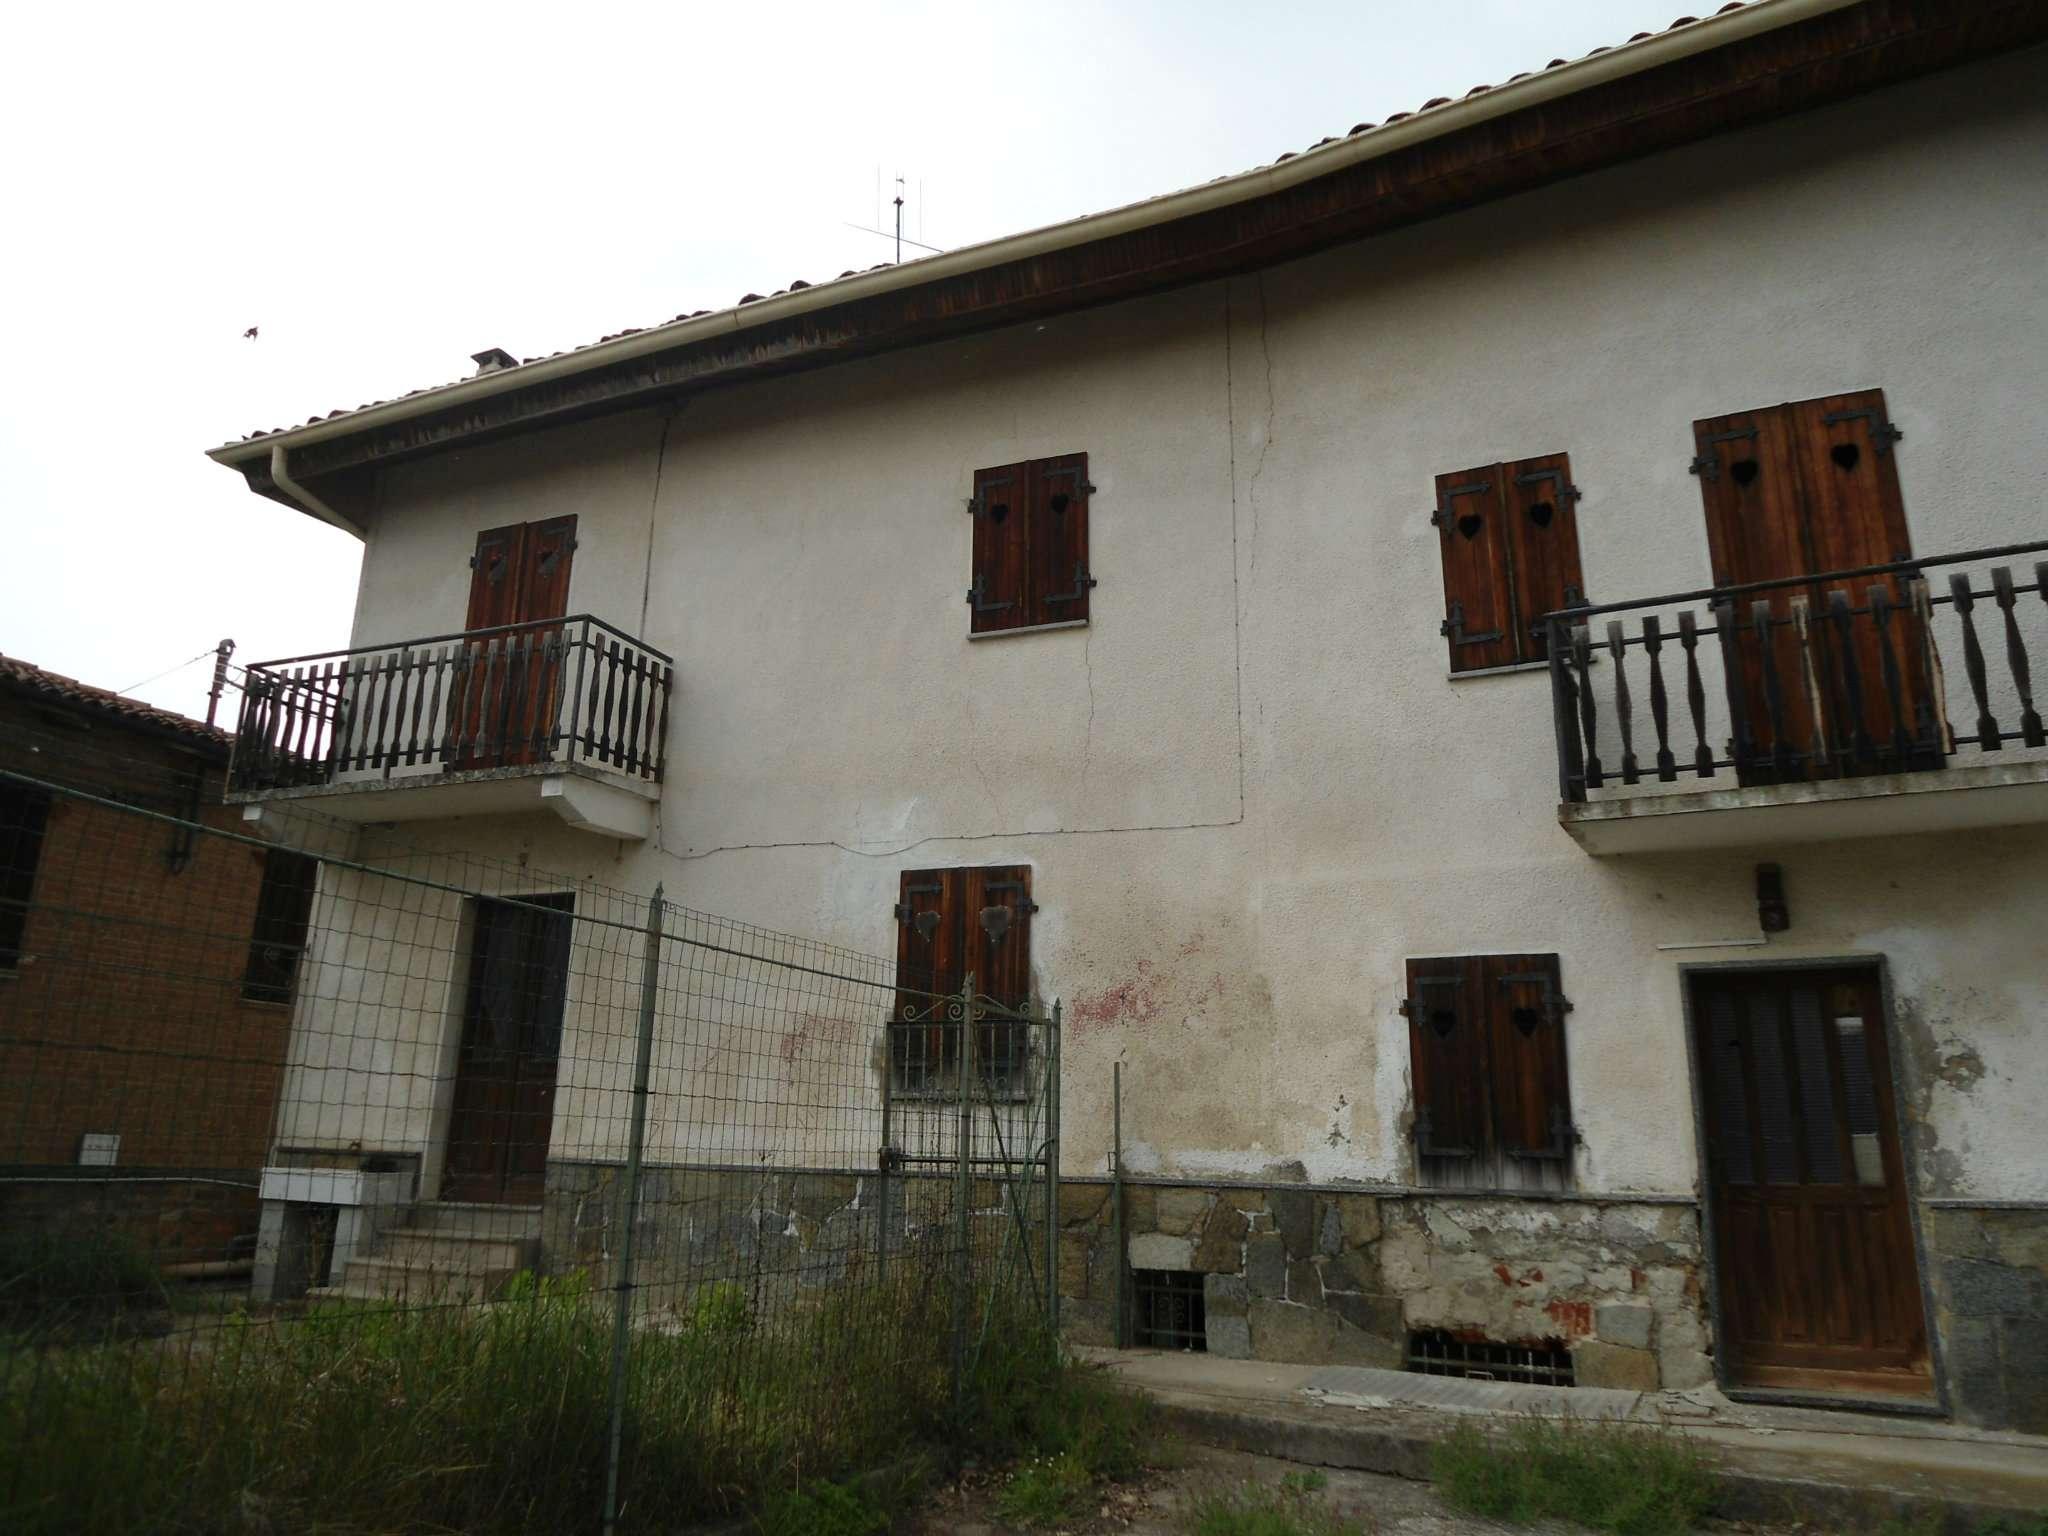 Rustico / Casale in vendita a Chiusano d'Asti, 9999 locali, prezzo € 60.000 | CambioCasa.it